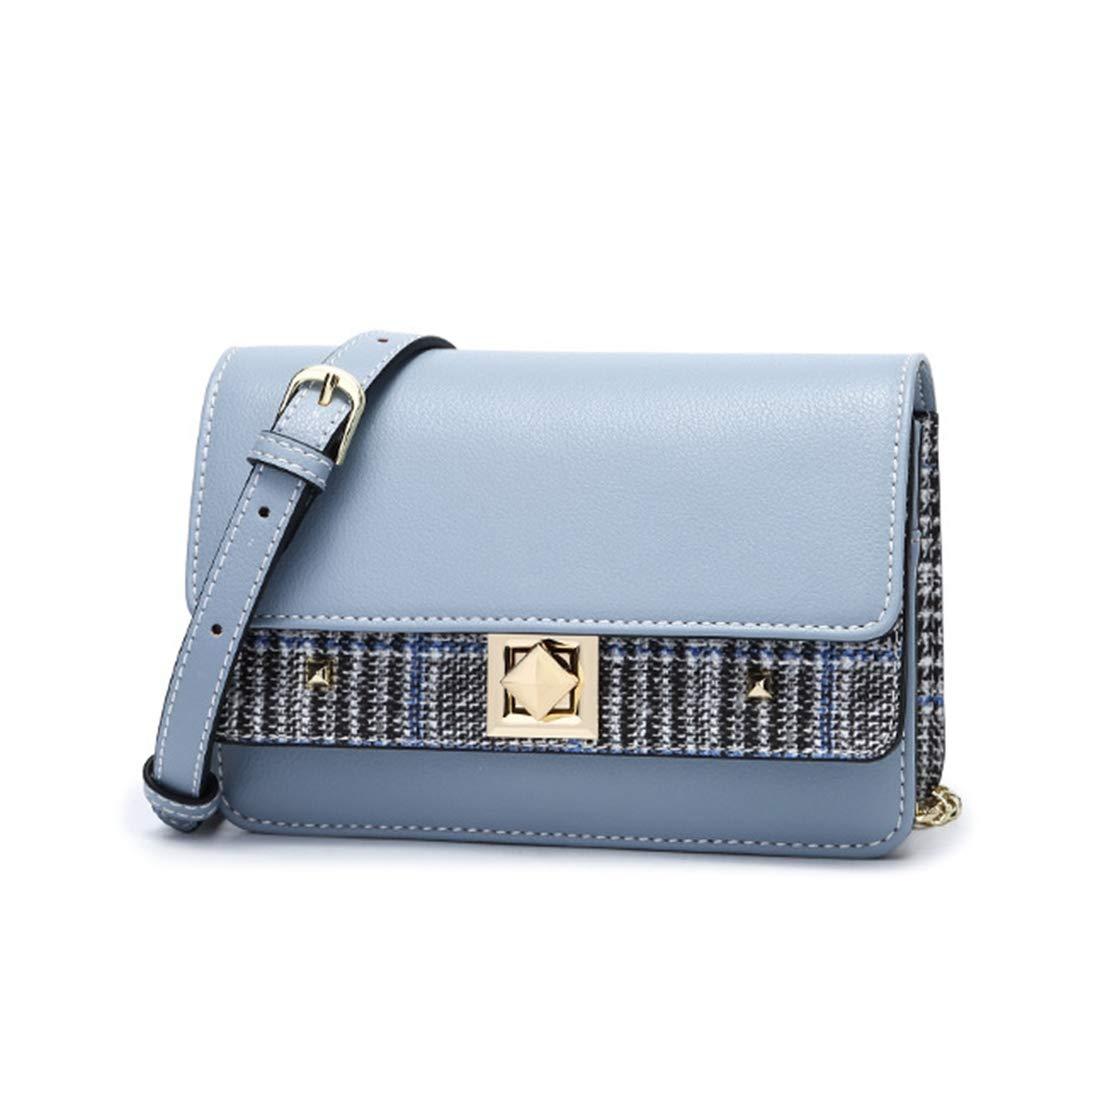 AIYAMAYA Spring And Summer Contrast Color Small Square Bag Shoulder Messenger Bag Female Bag Small Bag